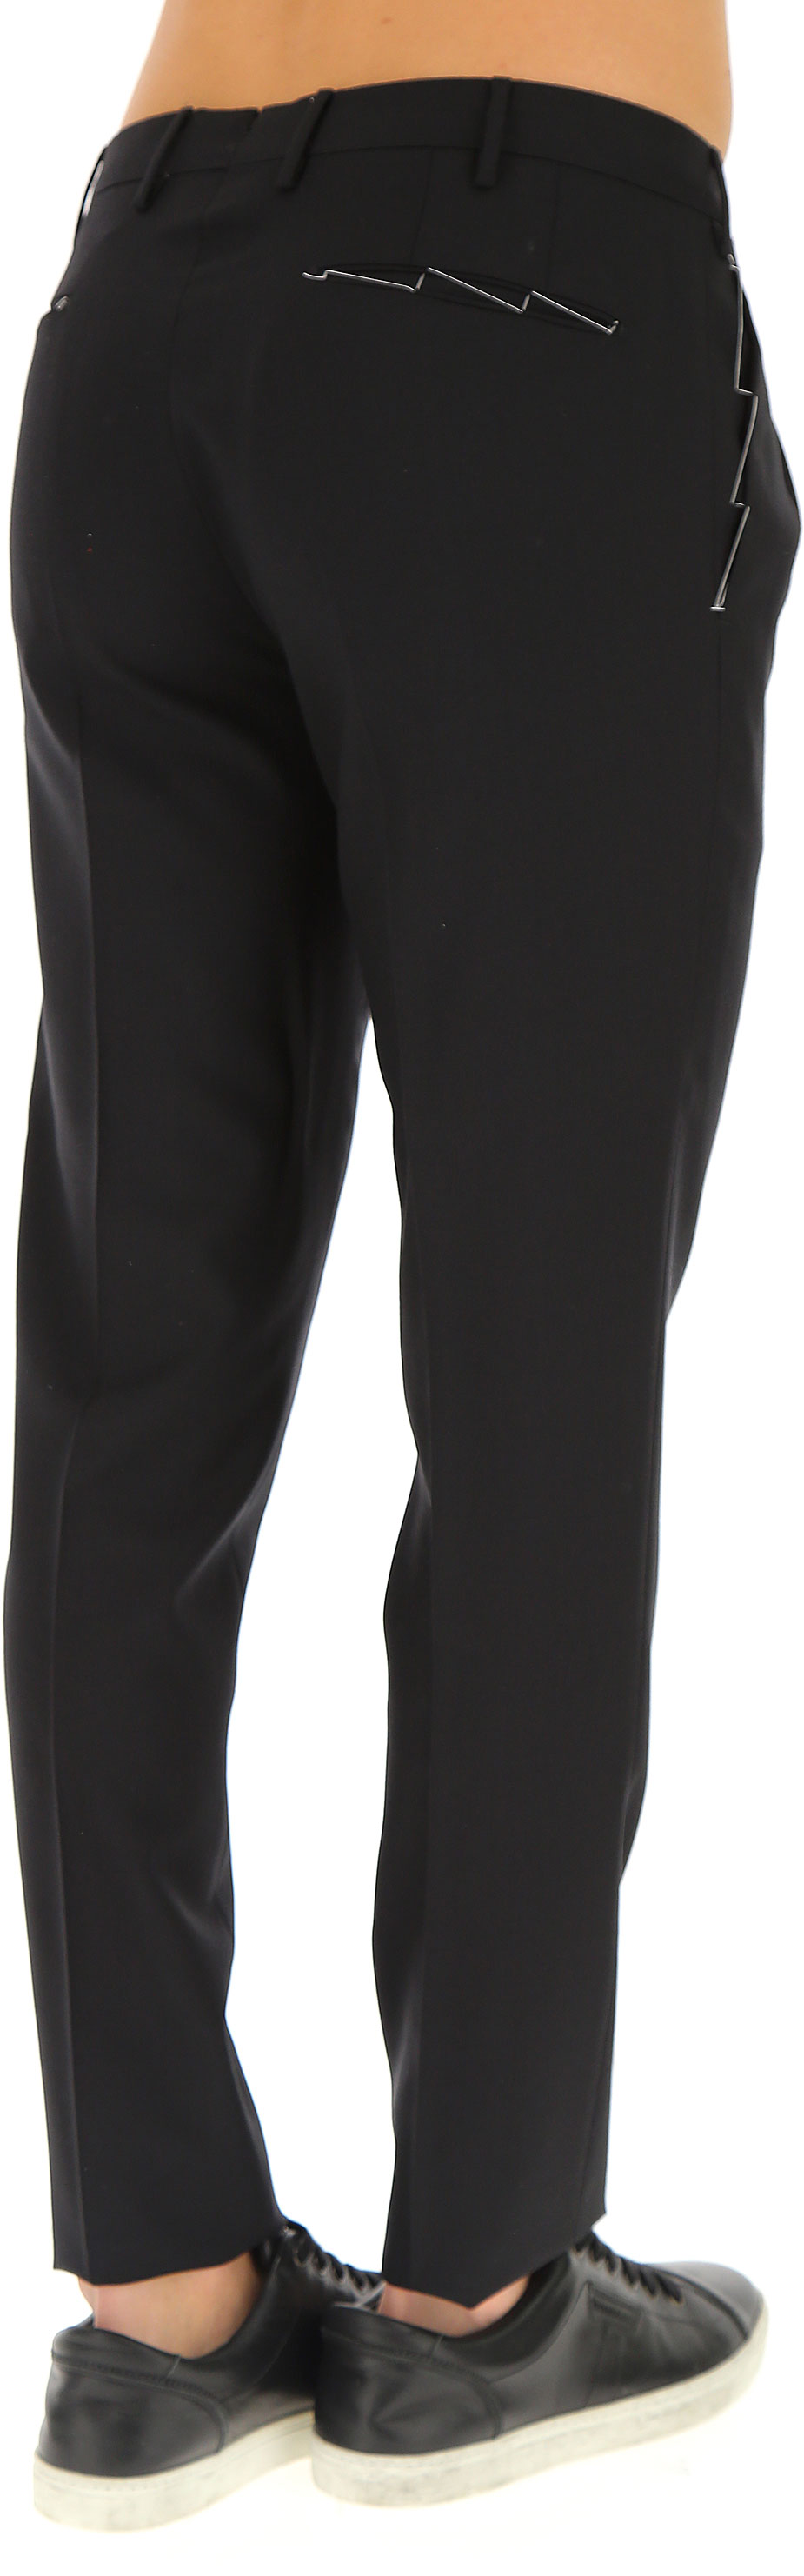 Abbigliamento Uomo PT01, Codice Articolo: mz22-0990-